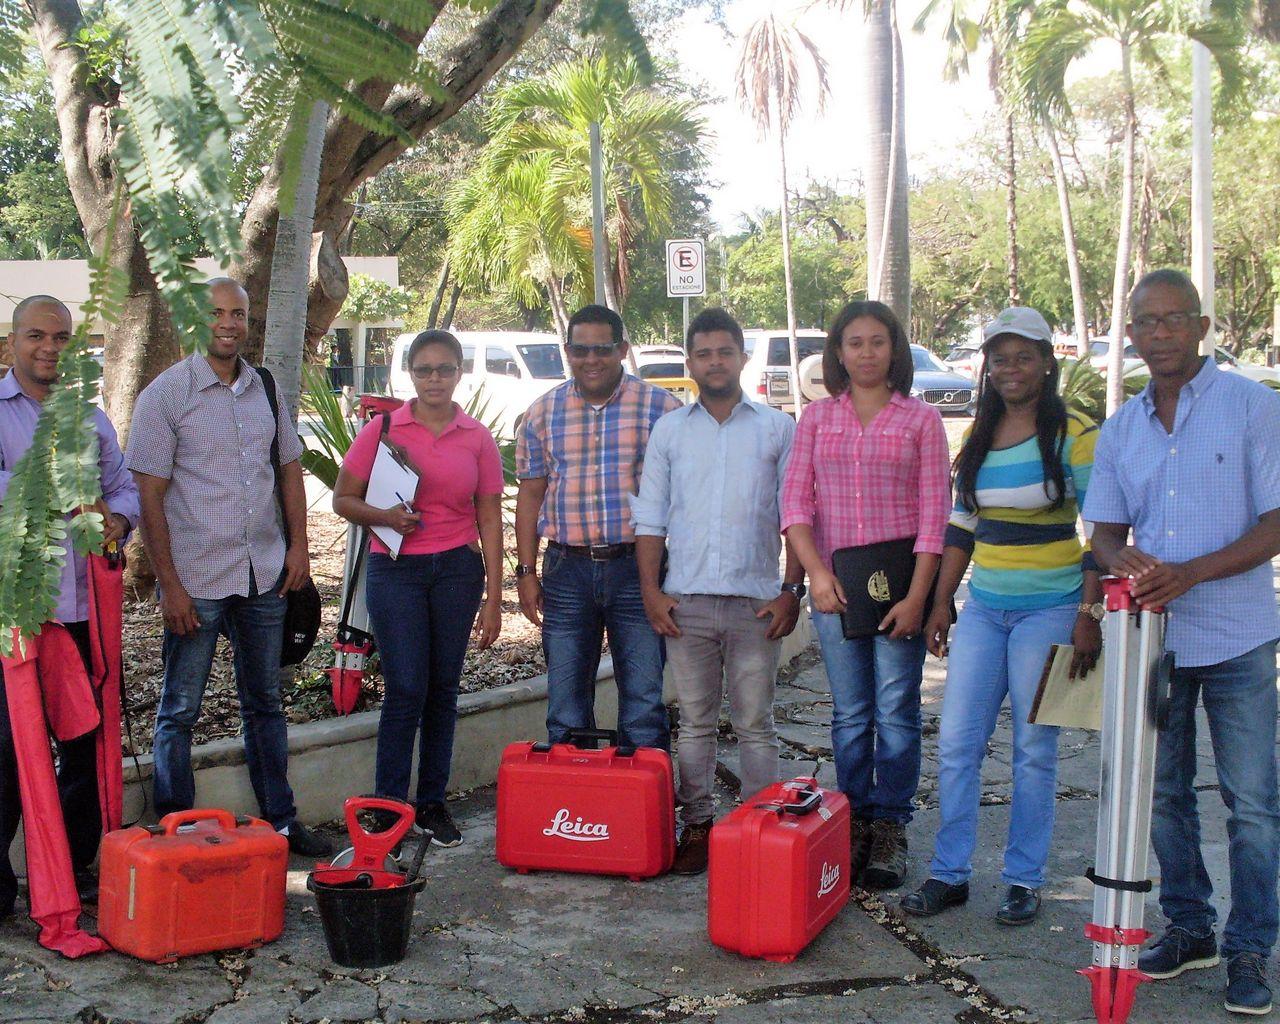 Estudiantes del curso de Geodesia recibiendo instrucciones con los equipos GNSS